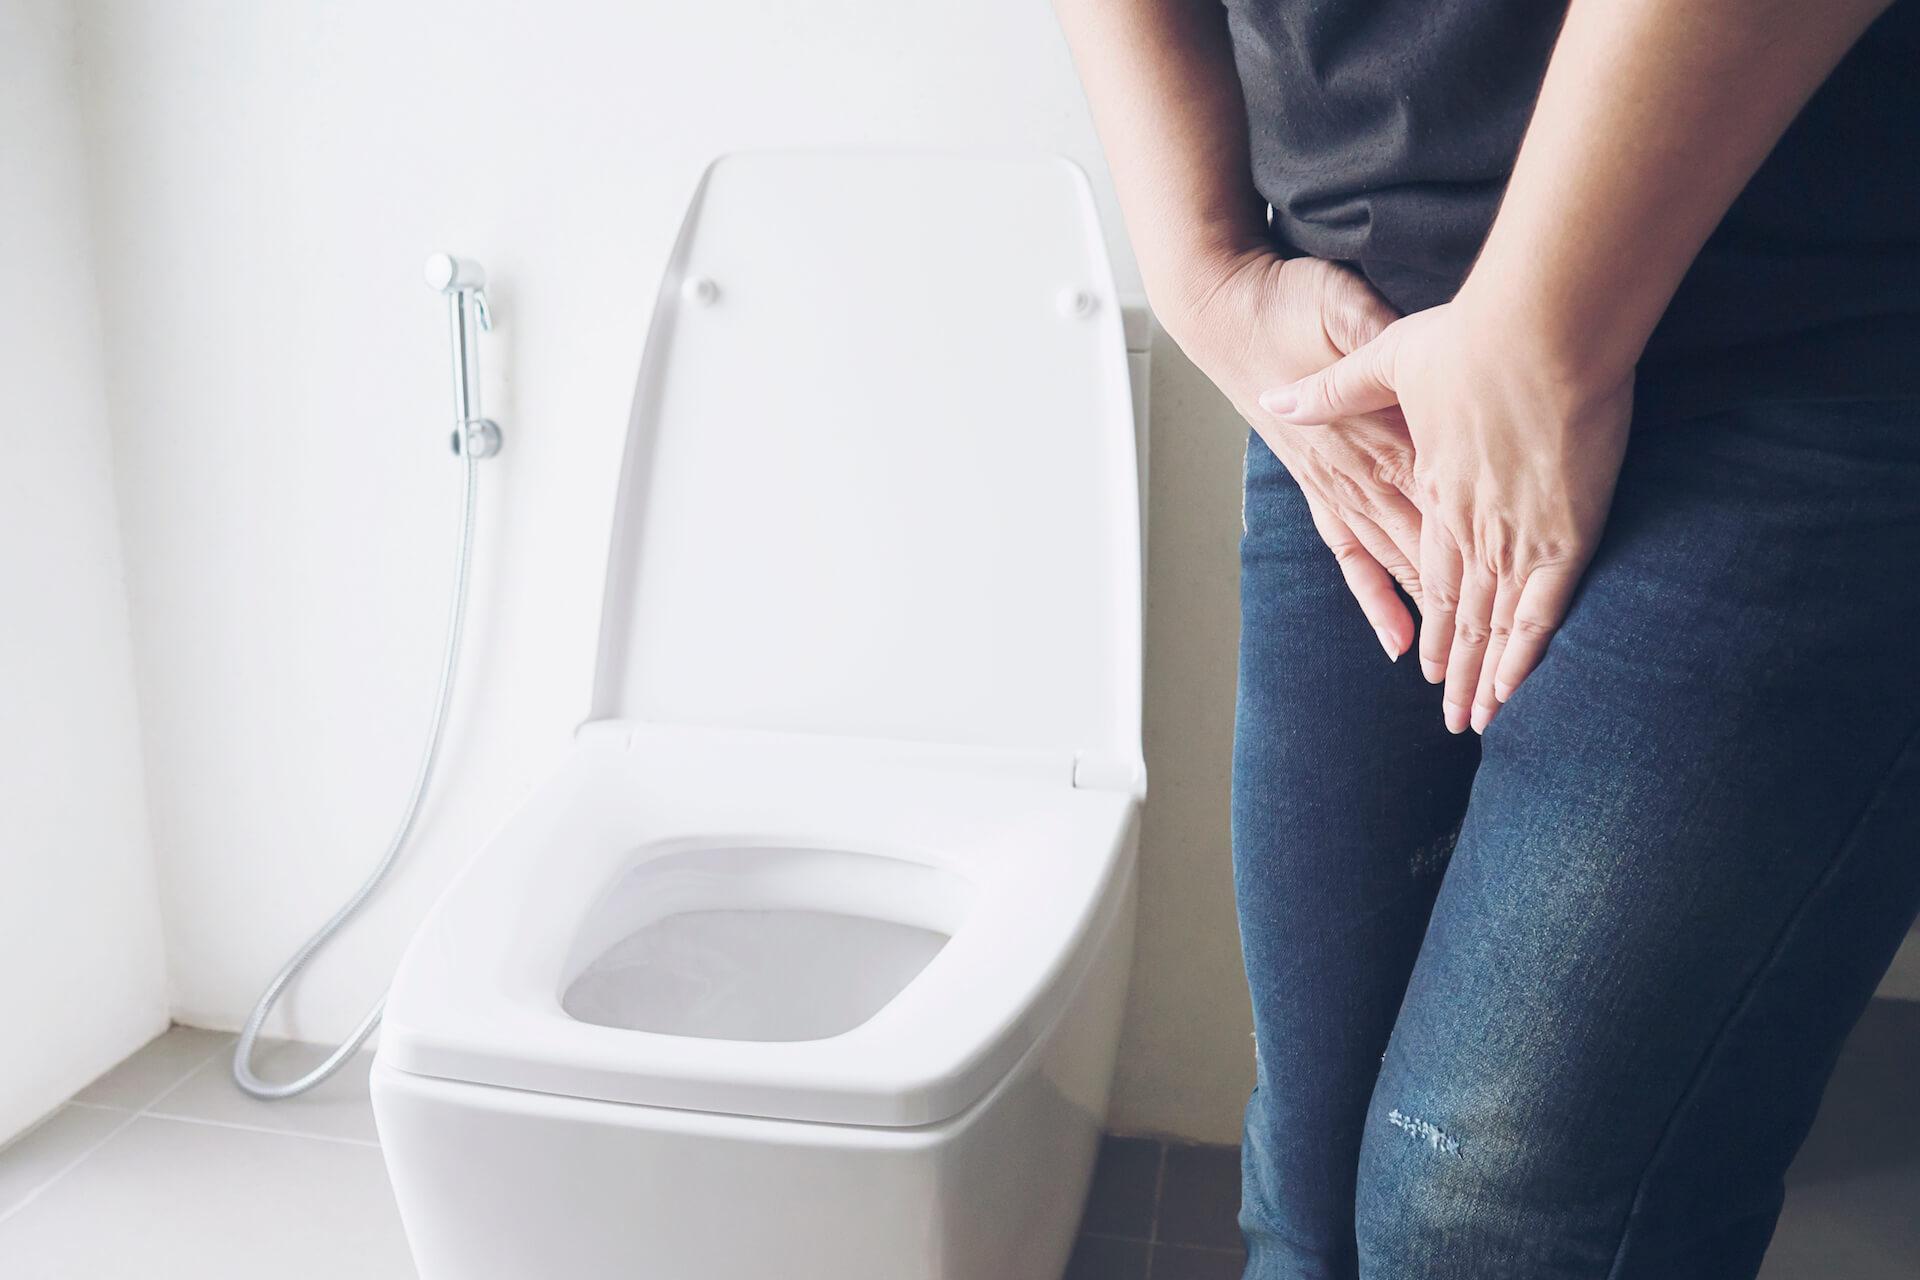 A vizeletcsepegés megnehezítheti mindennapjainkat